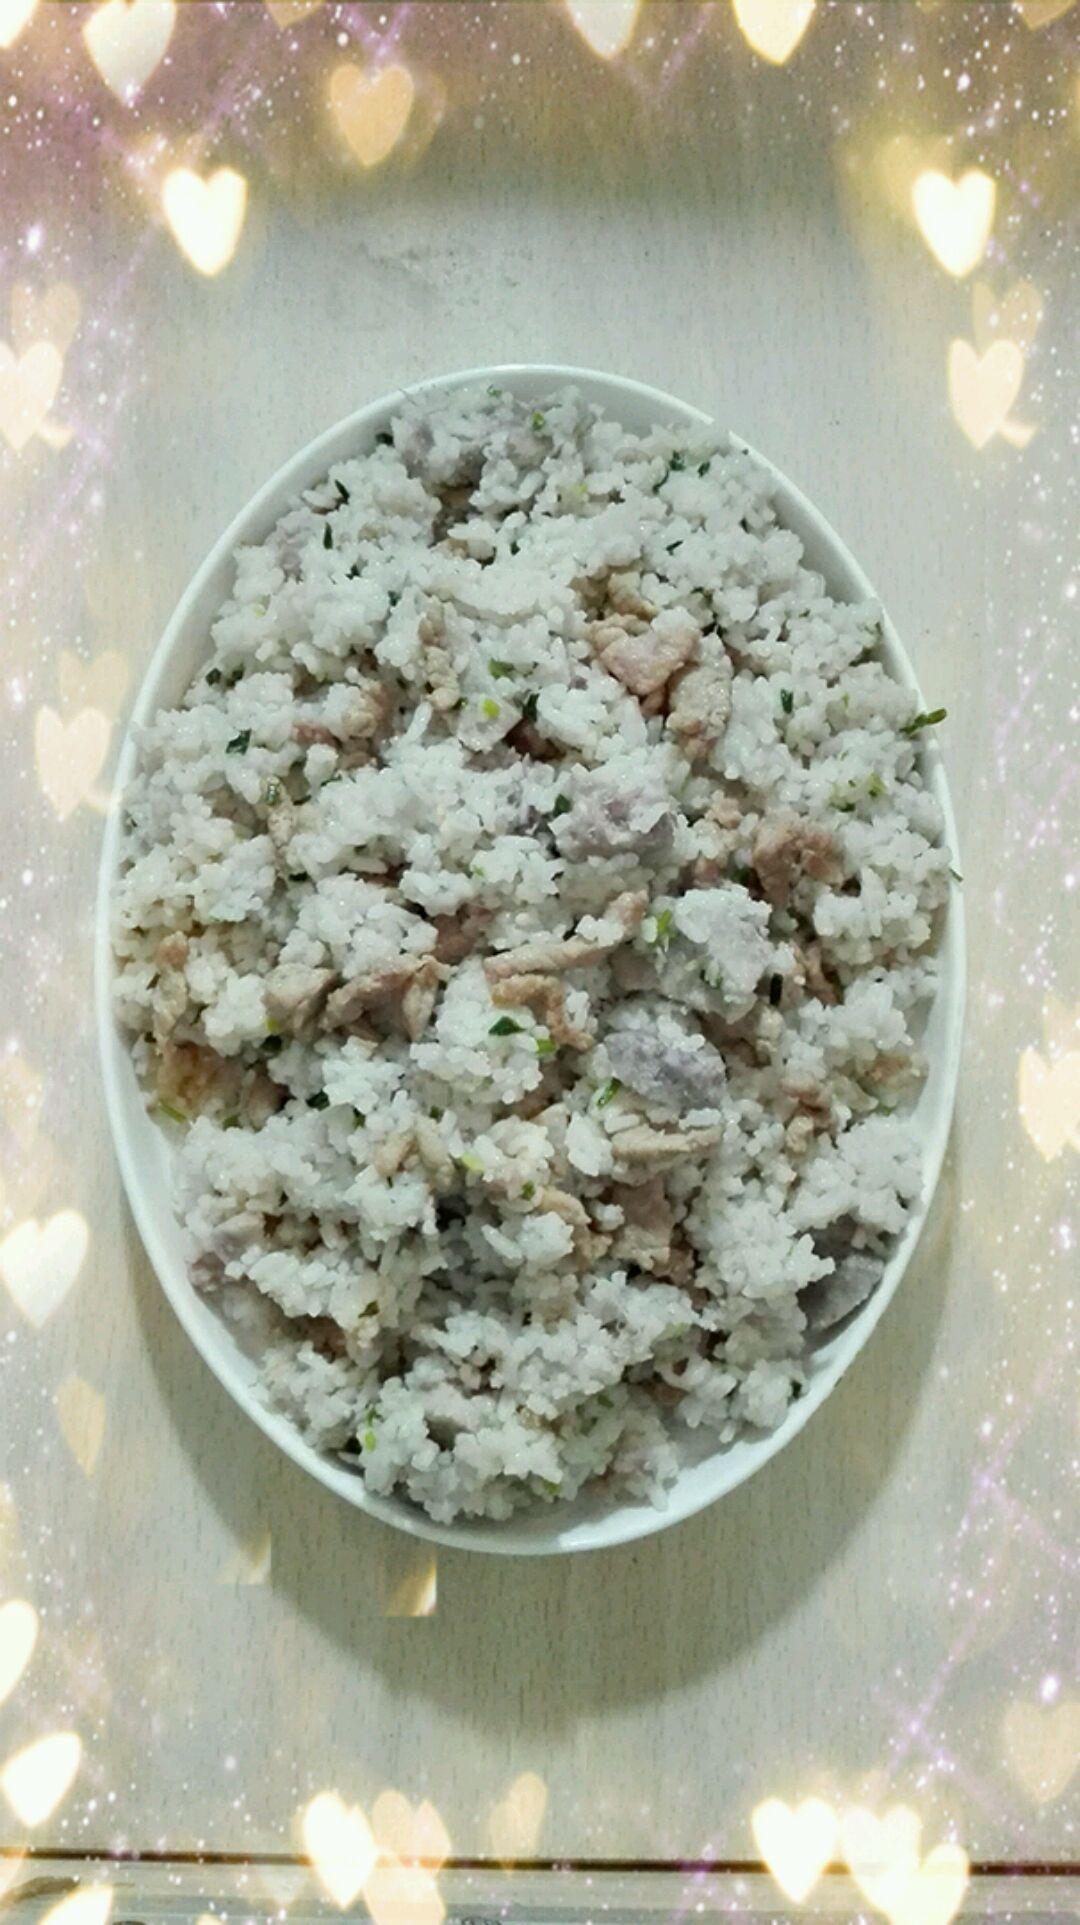 芋头饭的做法_【图解】芋头饭怎么做如何做好吃_芋头